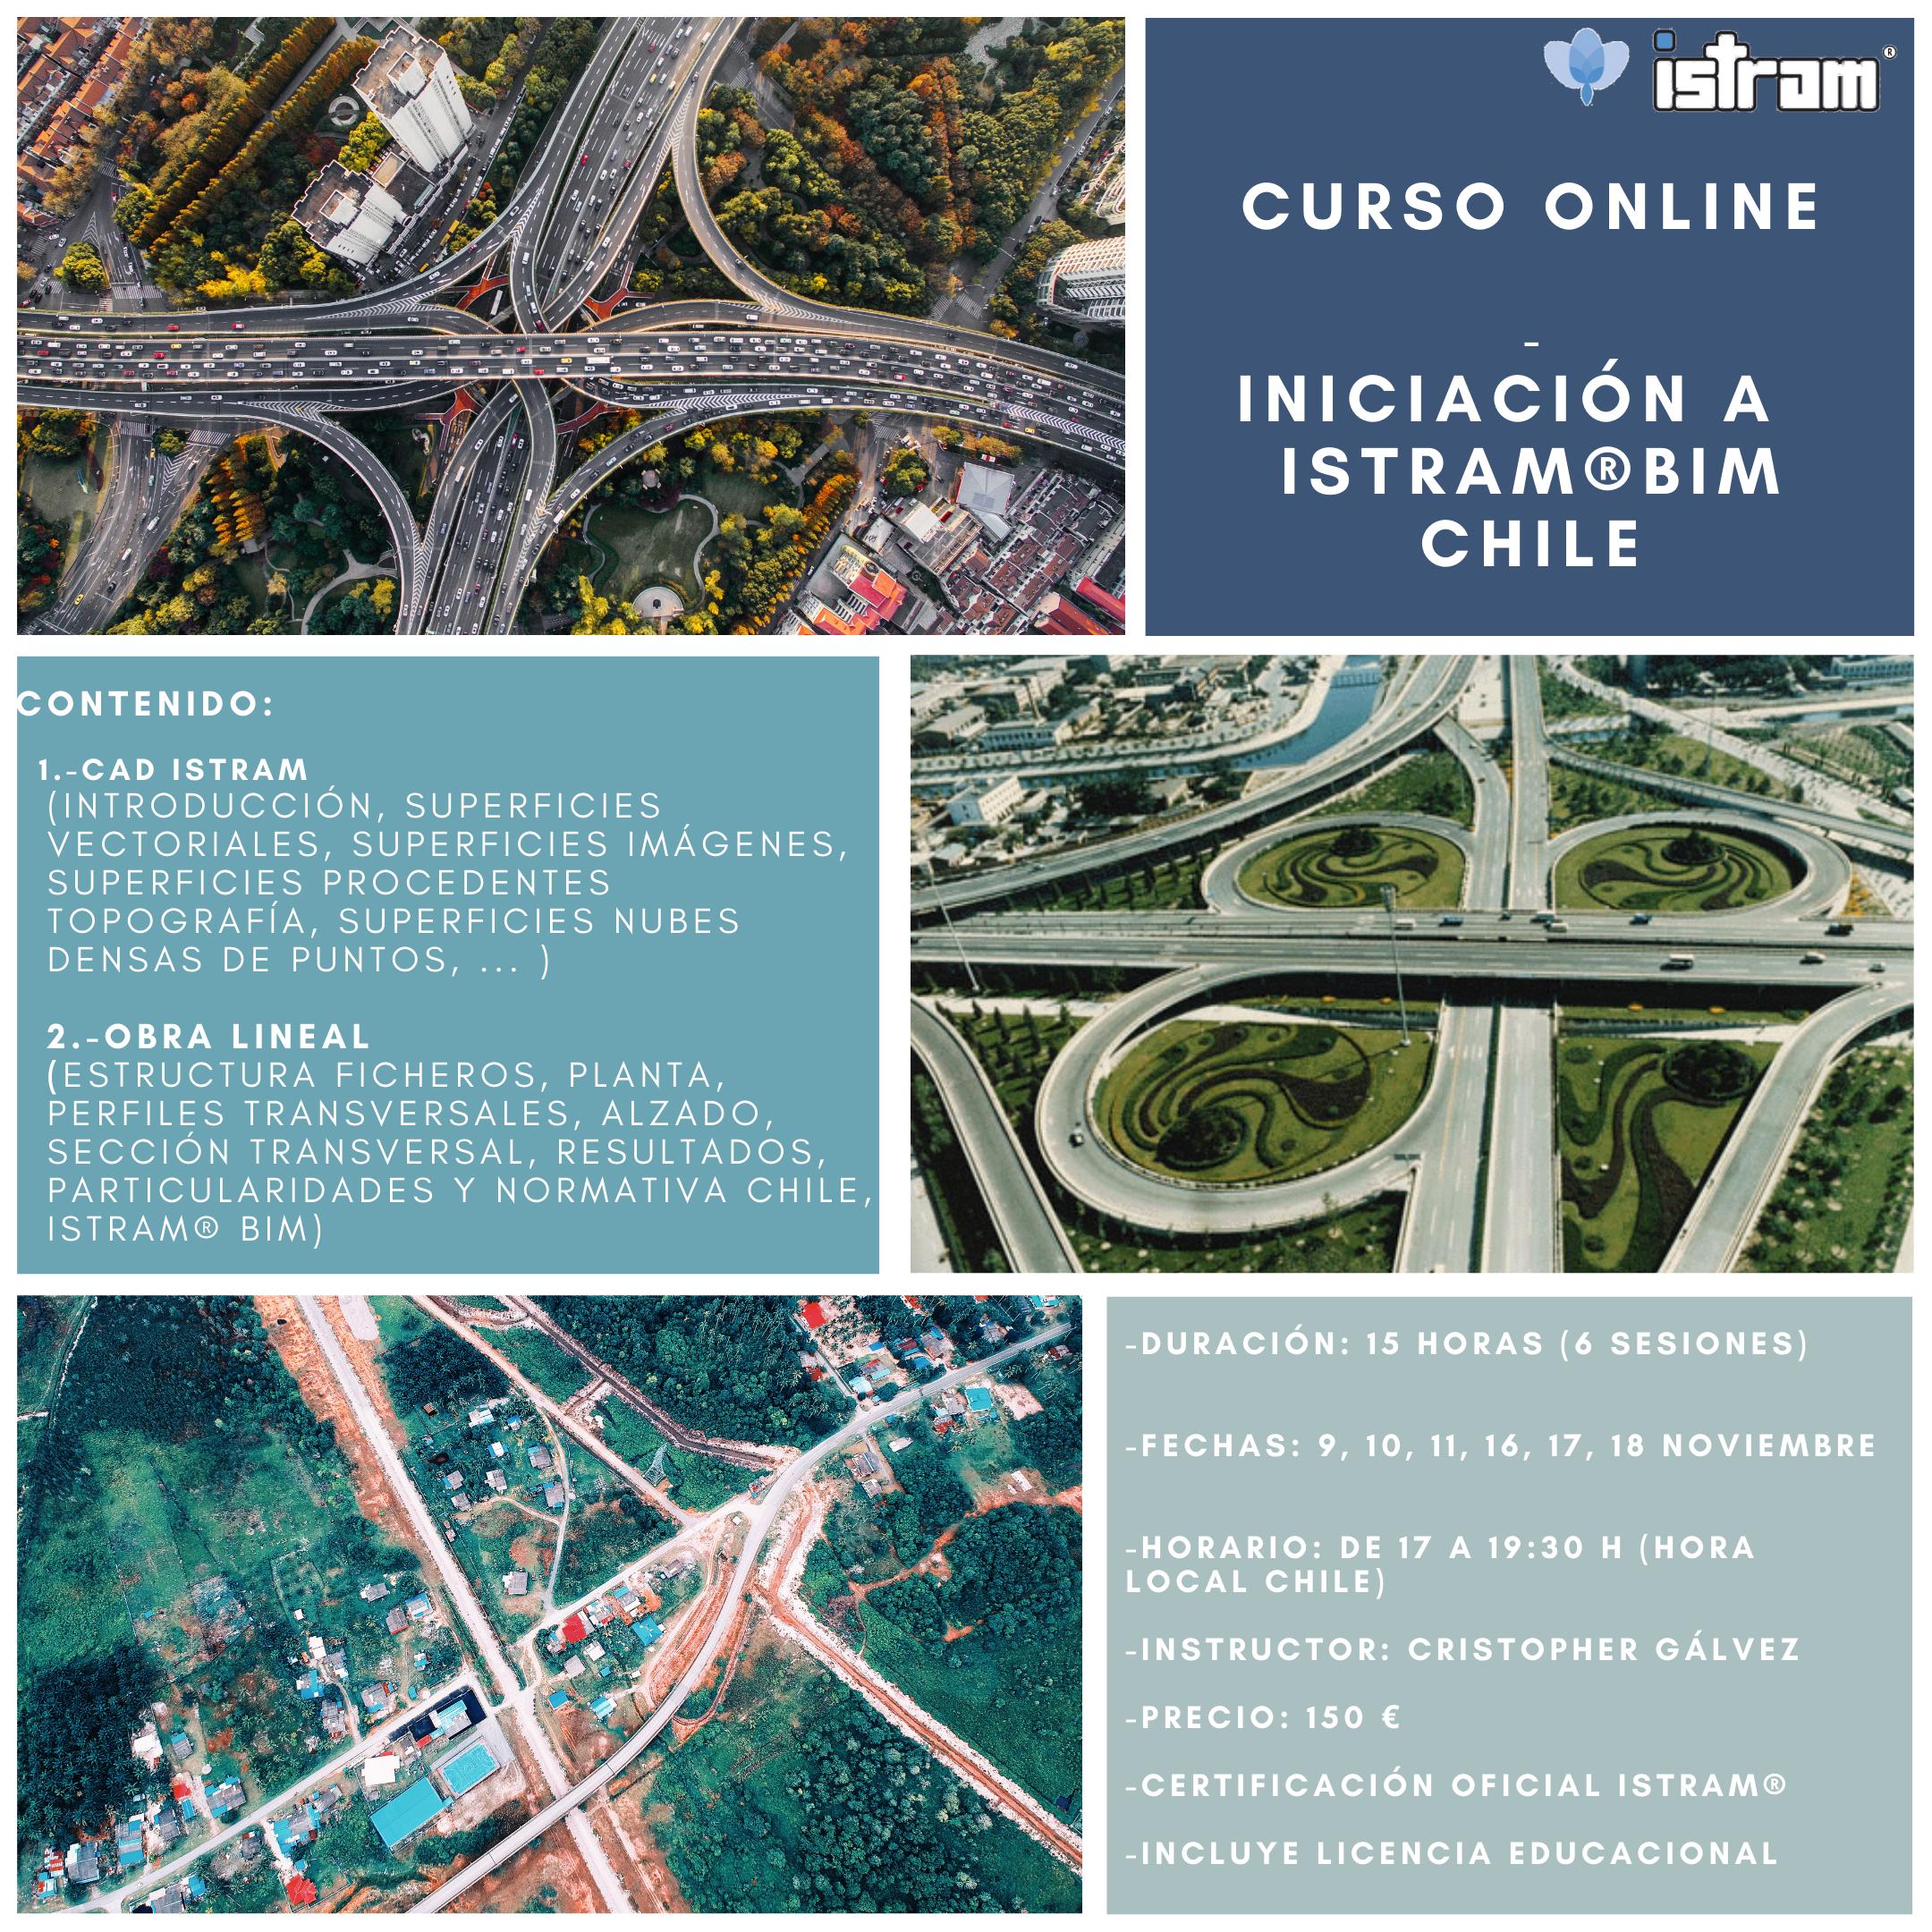 CURSO ONLINE INICIACIÓN A ISTRAM SOFTWARE BIM